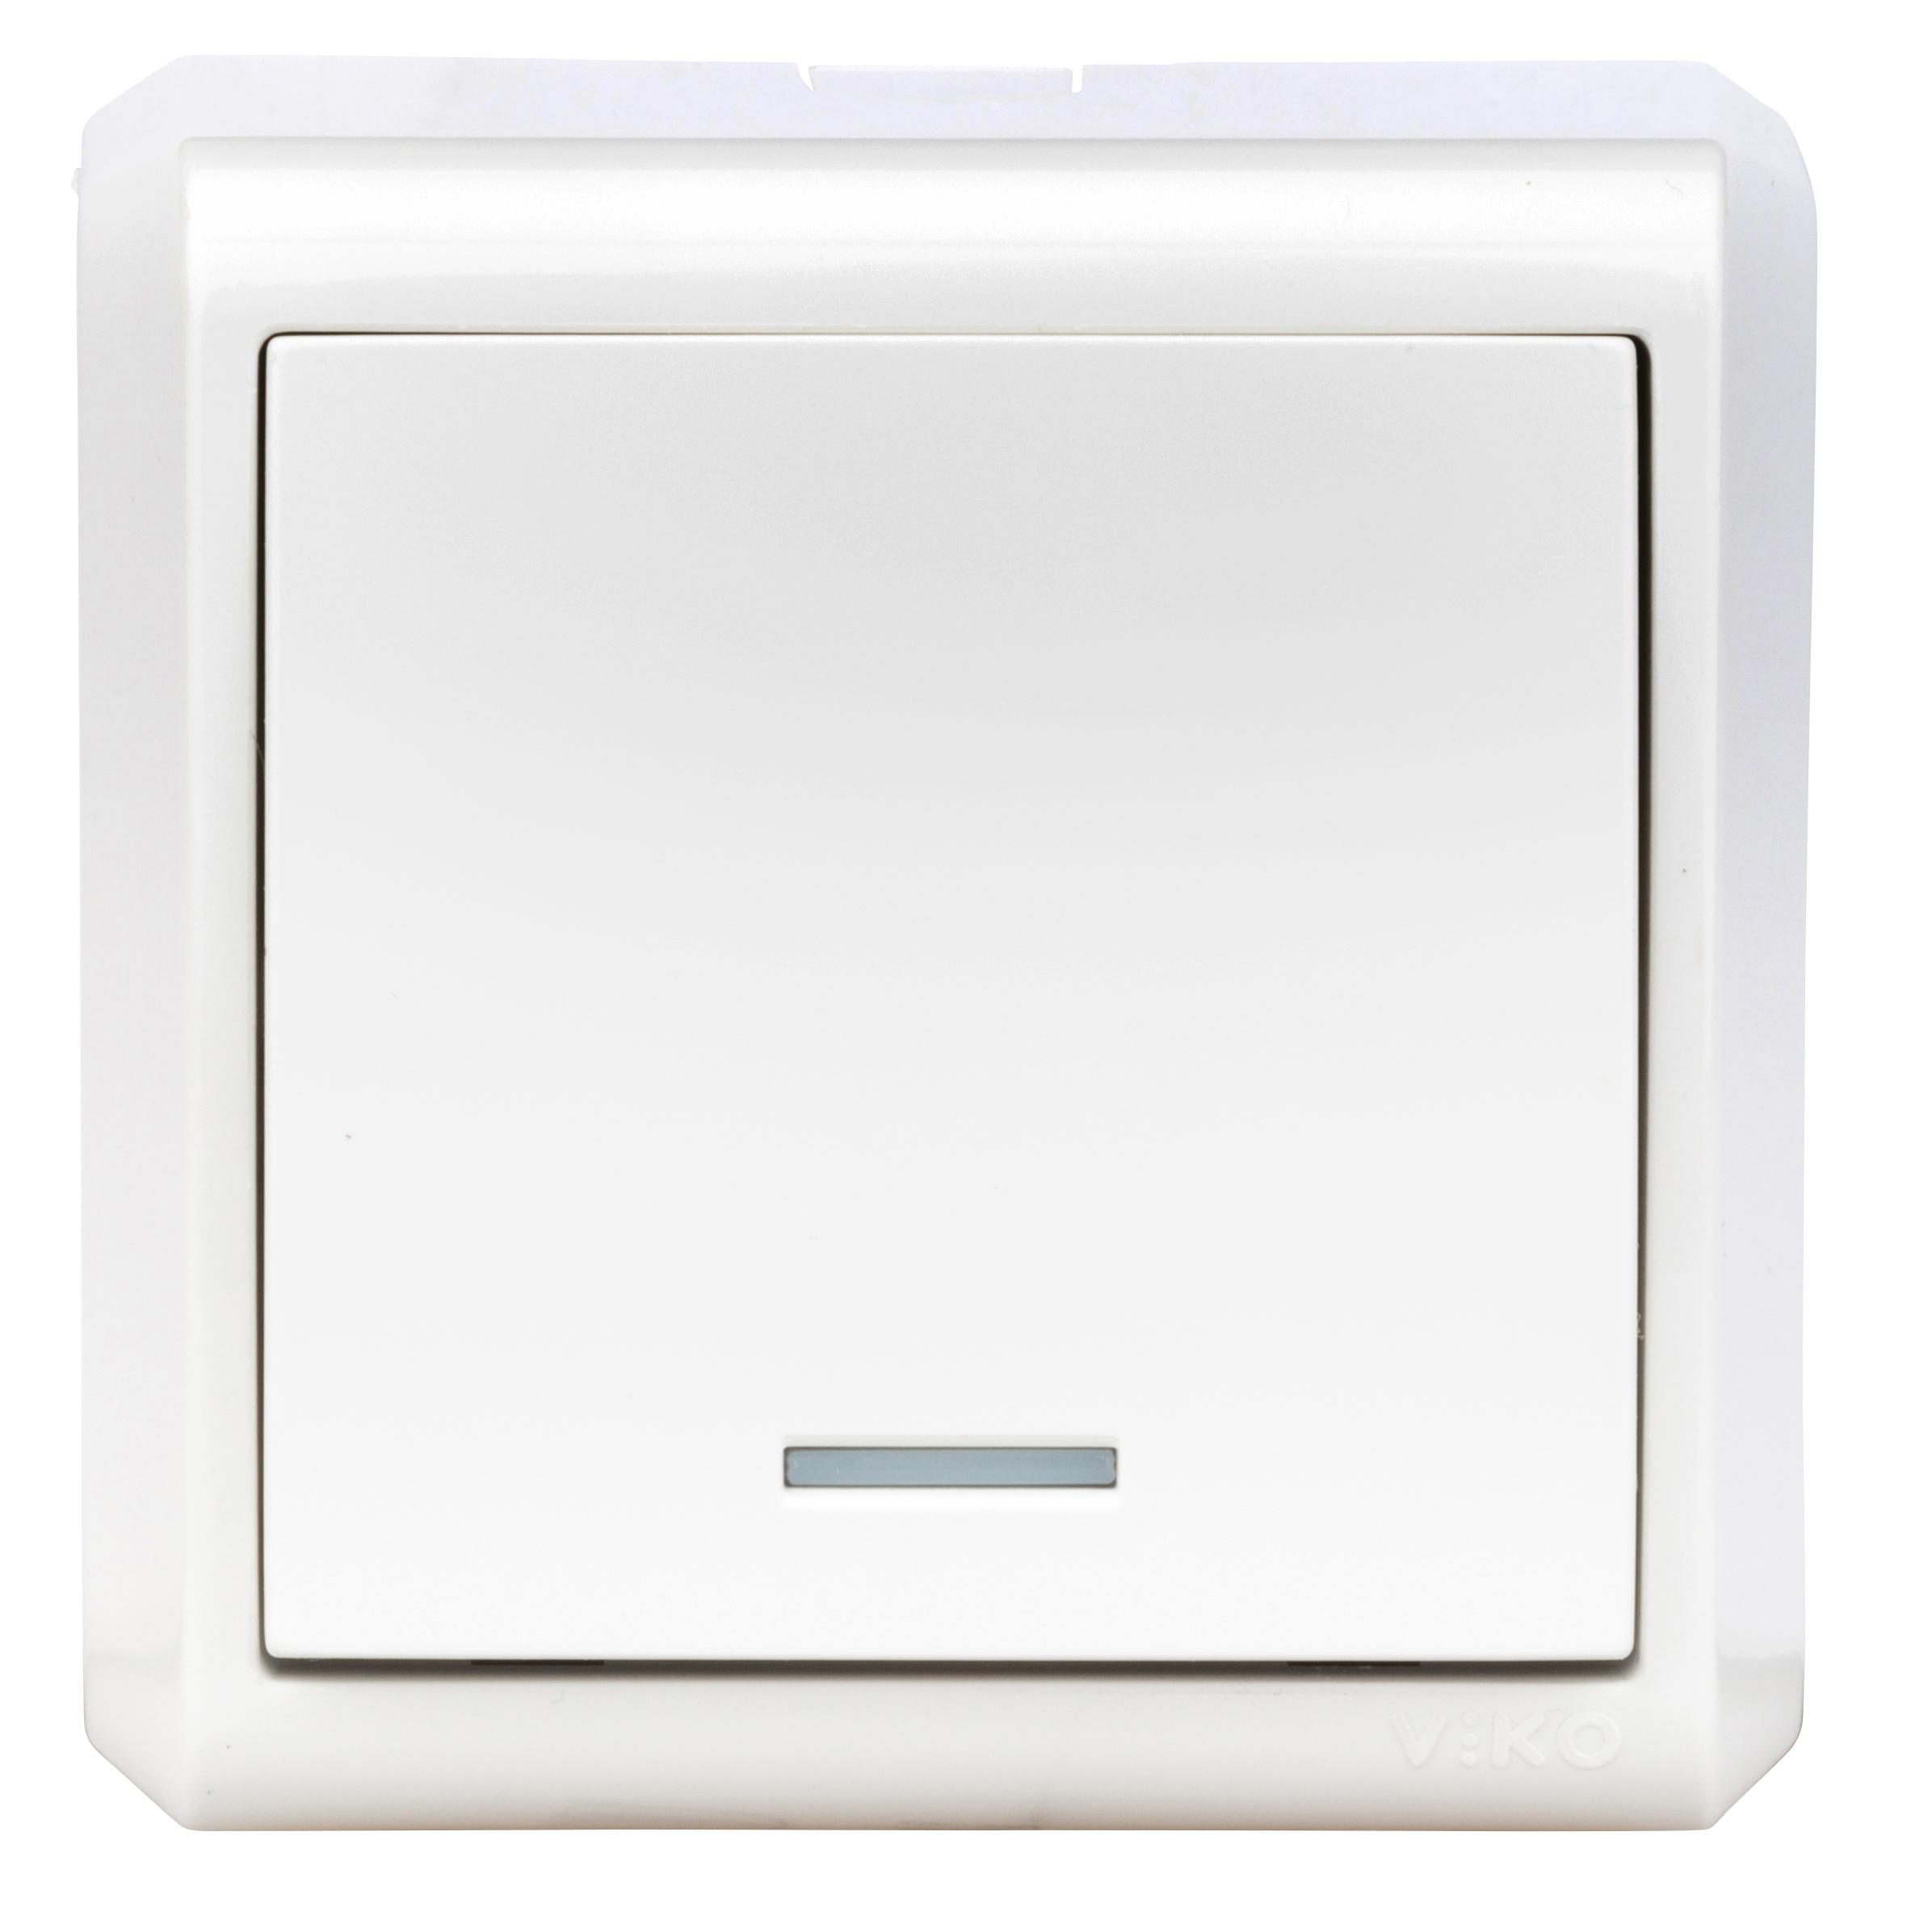 1 Stk AP-Ausschalter, 1polig, Orientierungslicht, IP20, weiß EV310007--